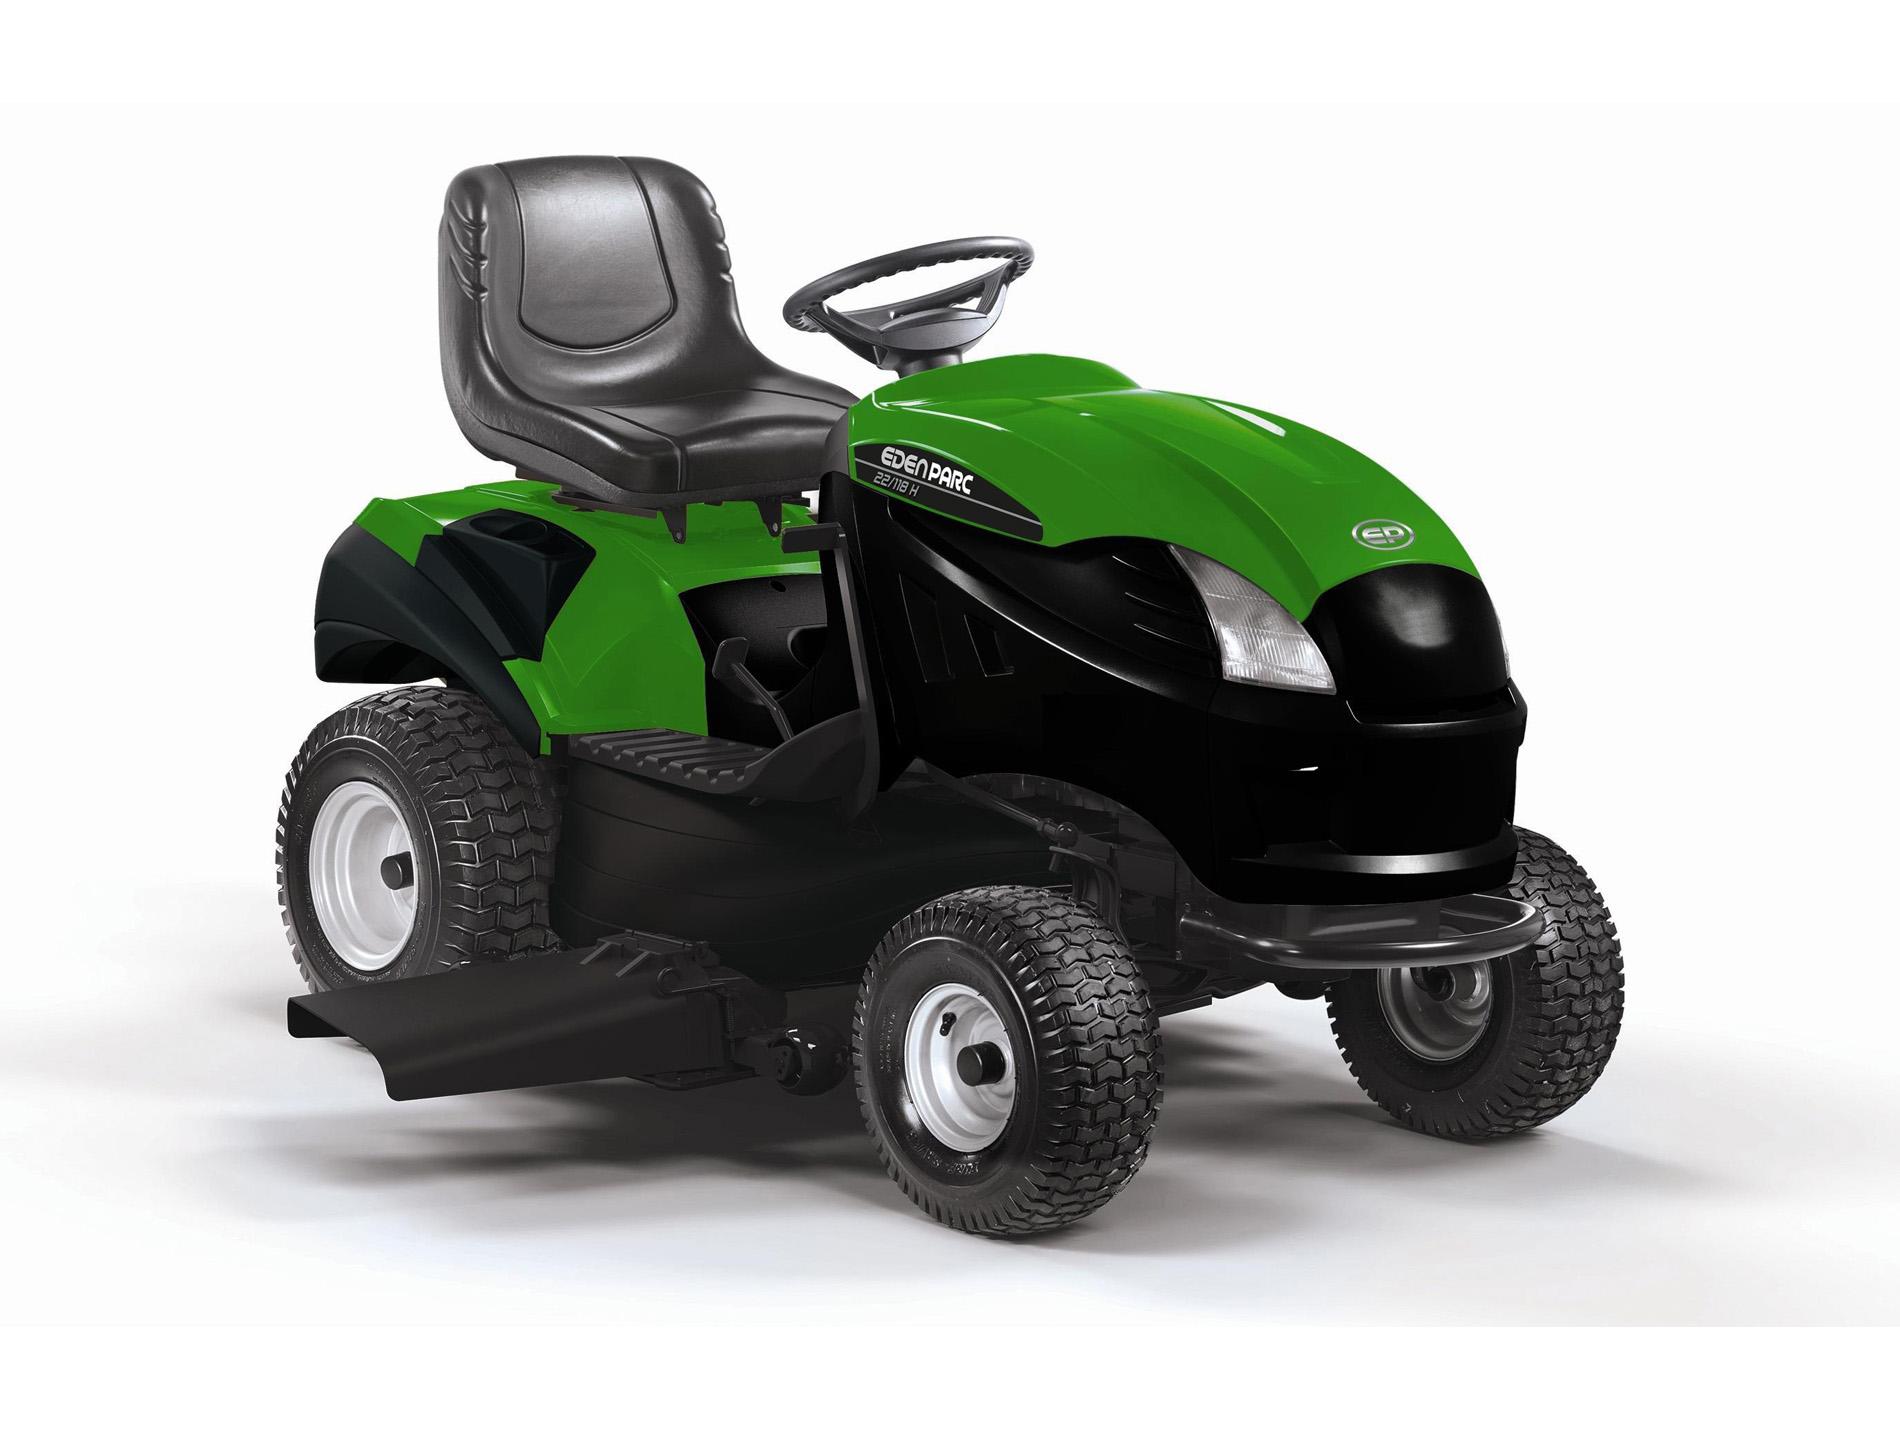 tracteur tondeuse eden parc tc118 sdk 603cc tracteur tondeuse tracteur tondeuse tondeuses. Black Bedroom Furniture Sets. Home Design Ideas